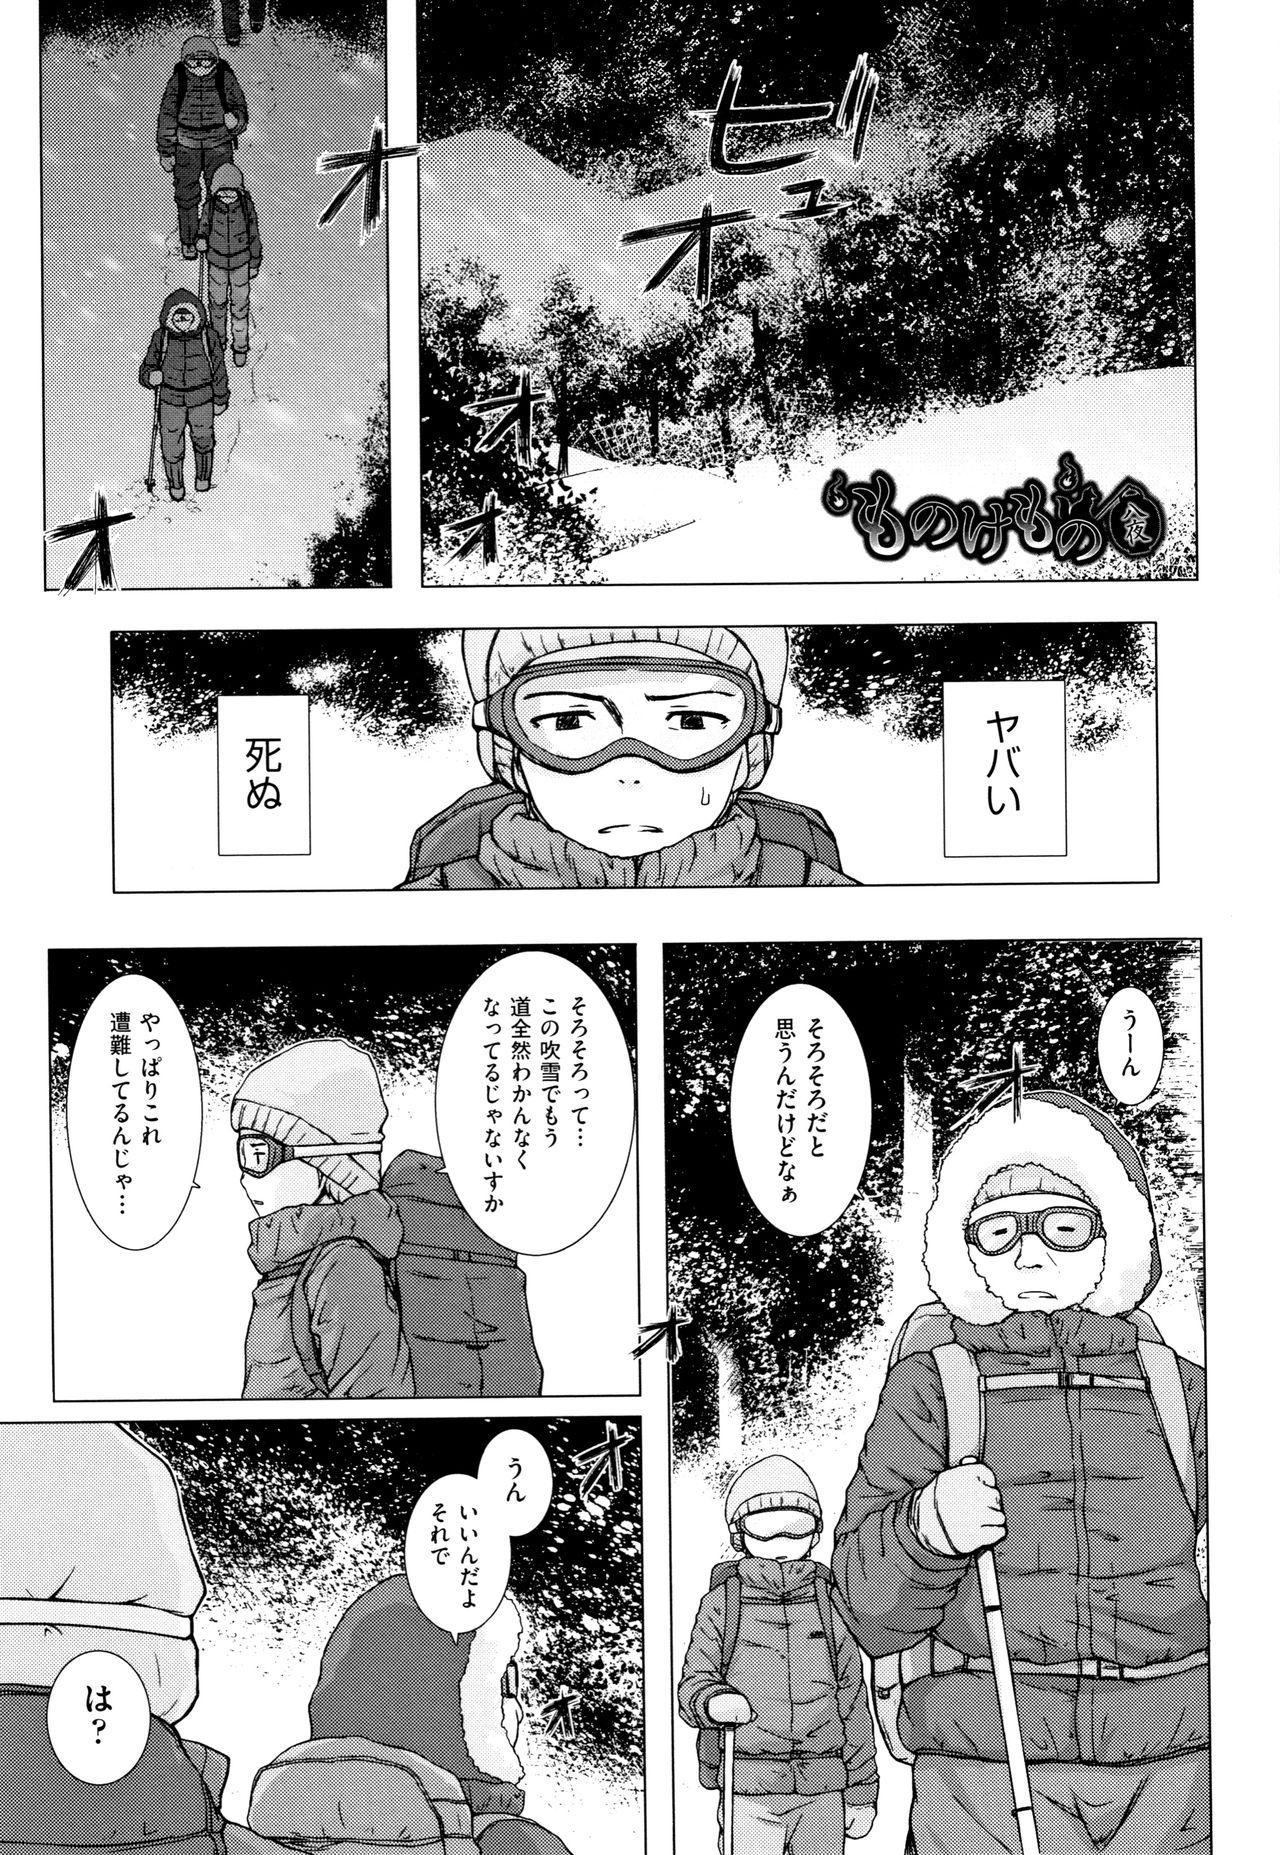 Monokemono 159